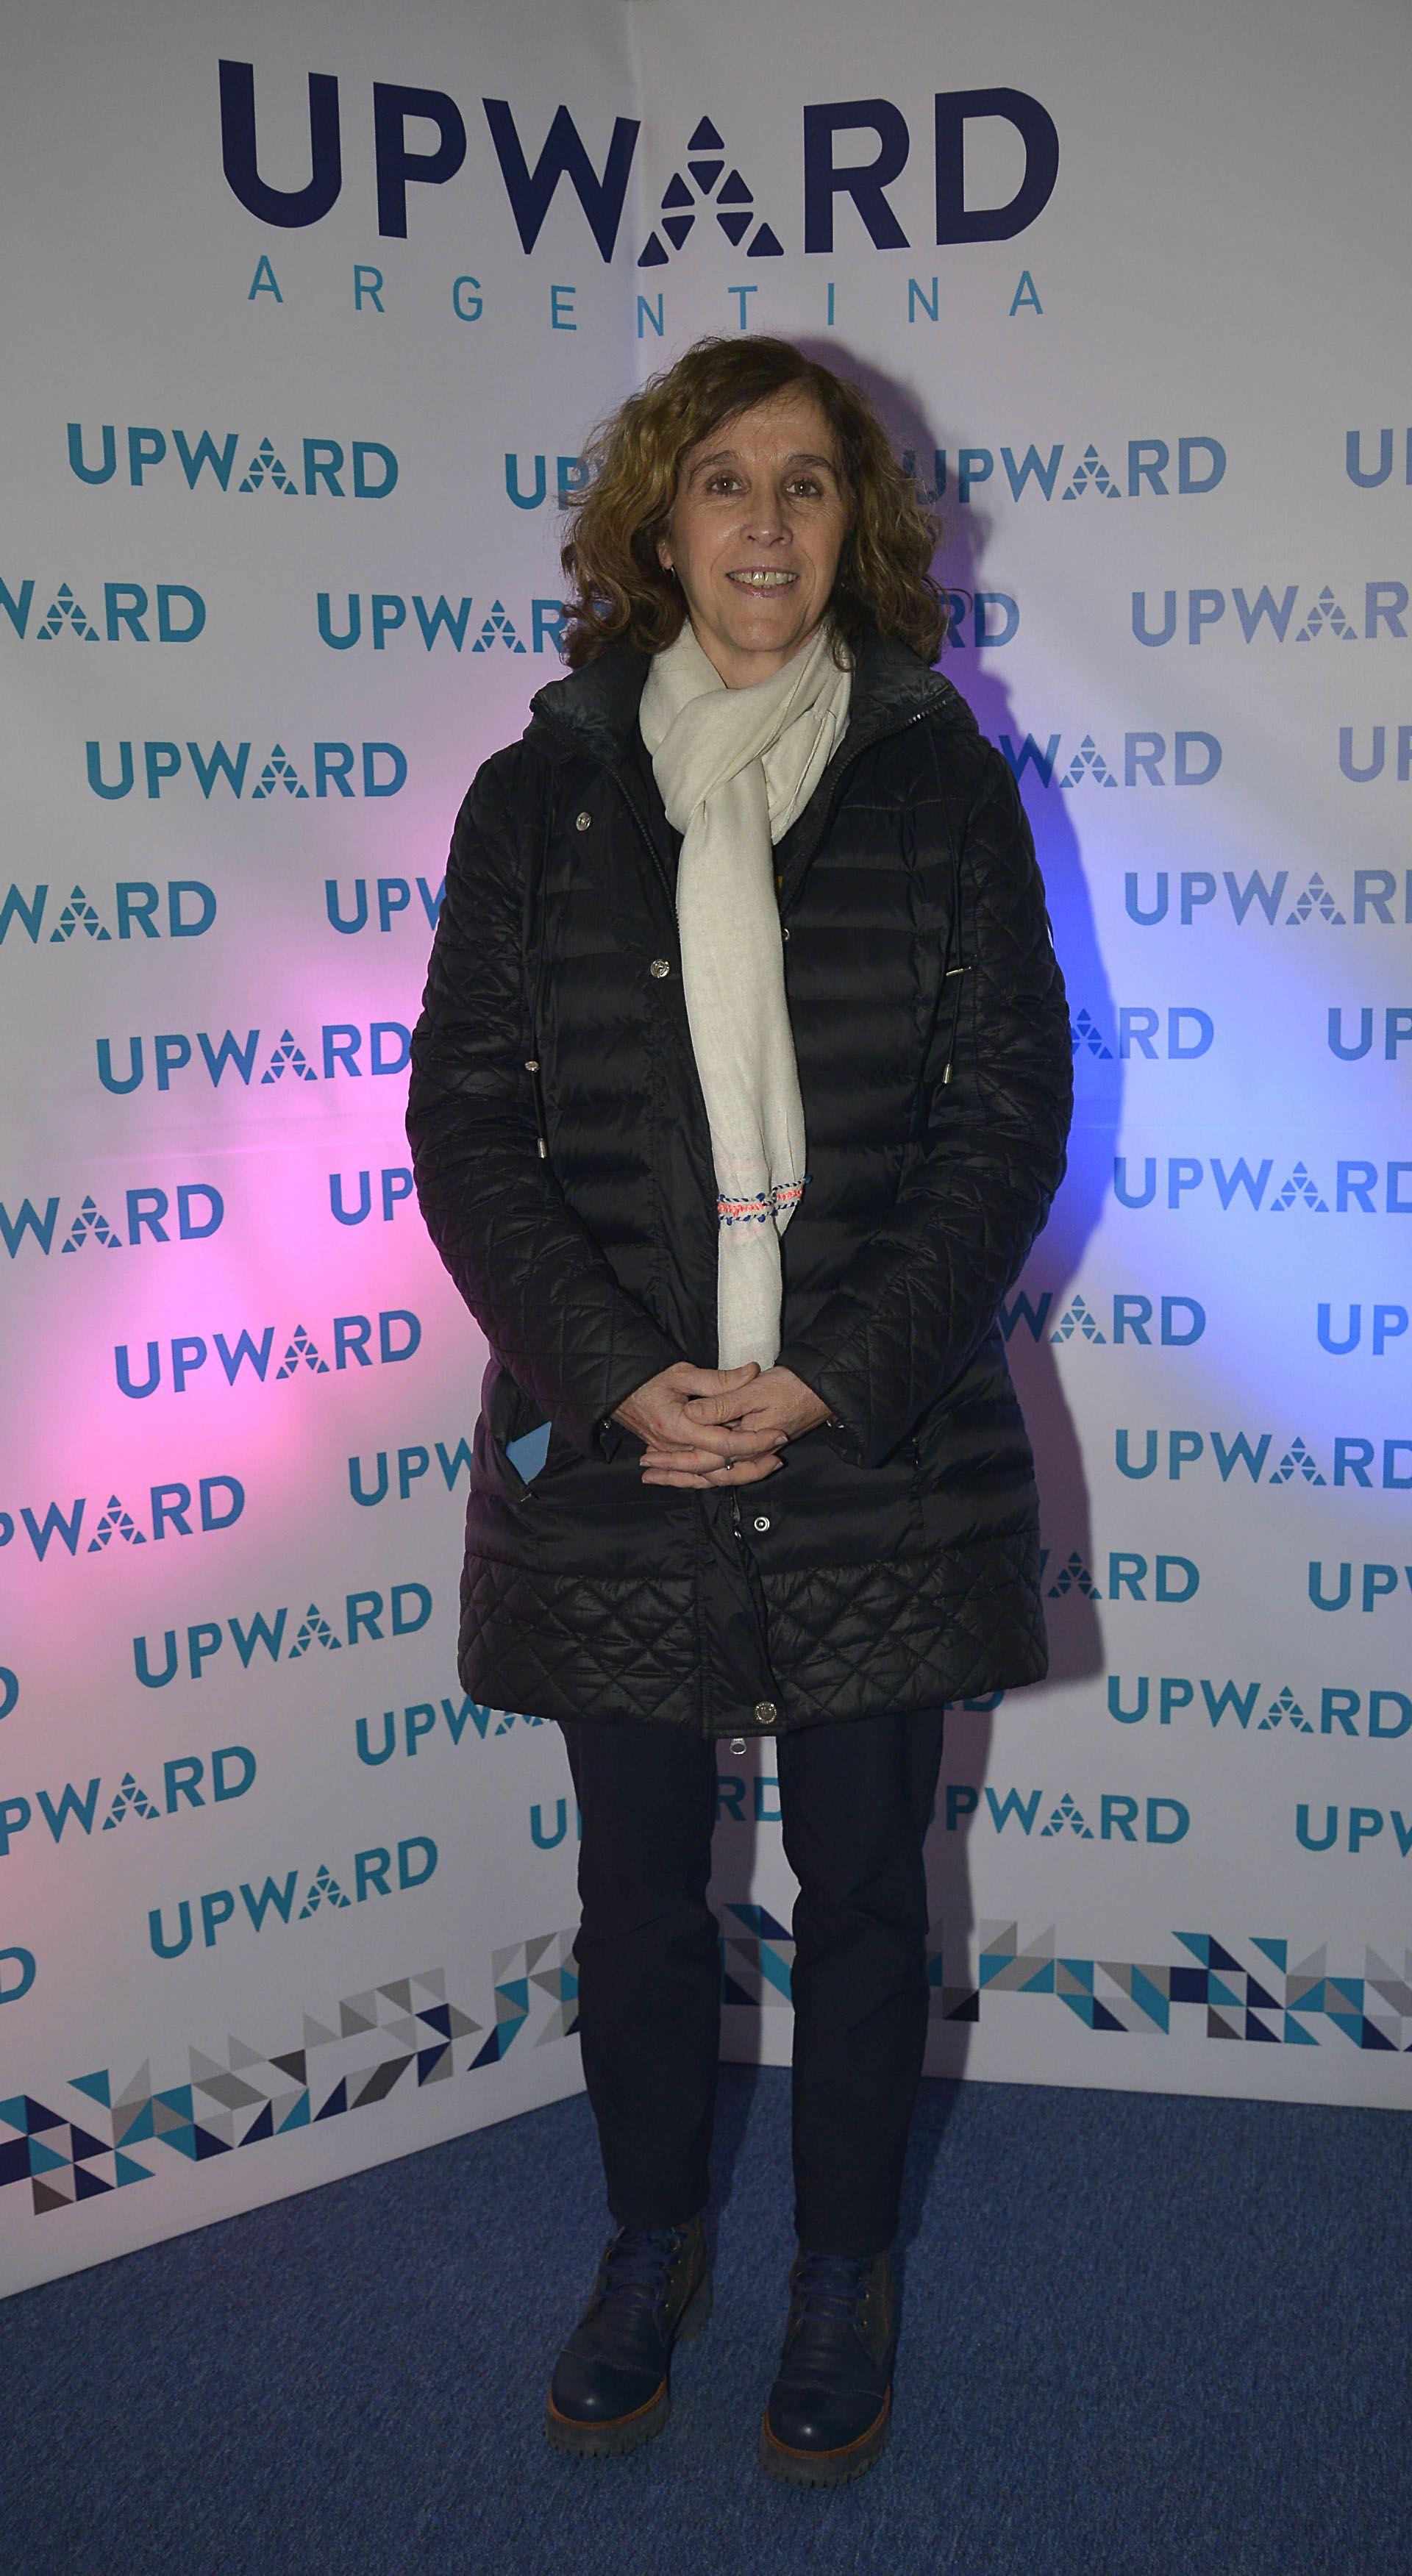 Silvia Barreira (Directora de Recursos Humanos Consultoría RRHH Dentsu Aegis Network Argentina)